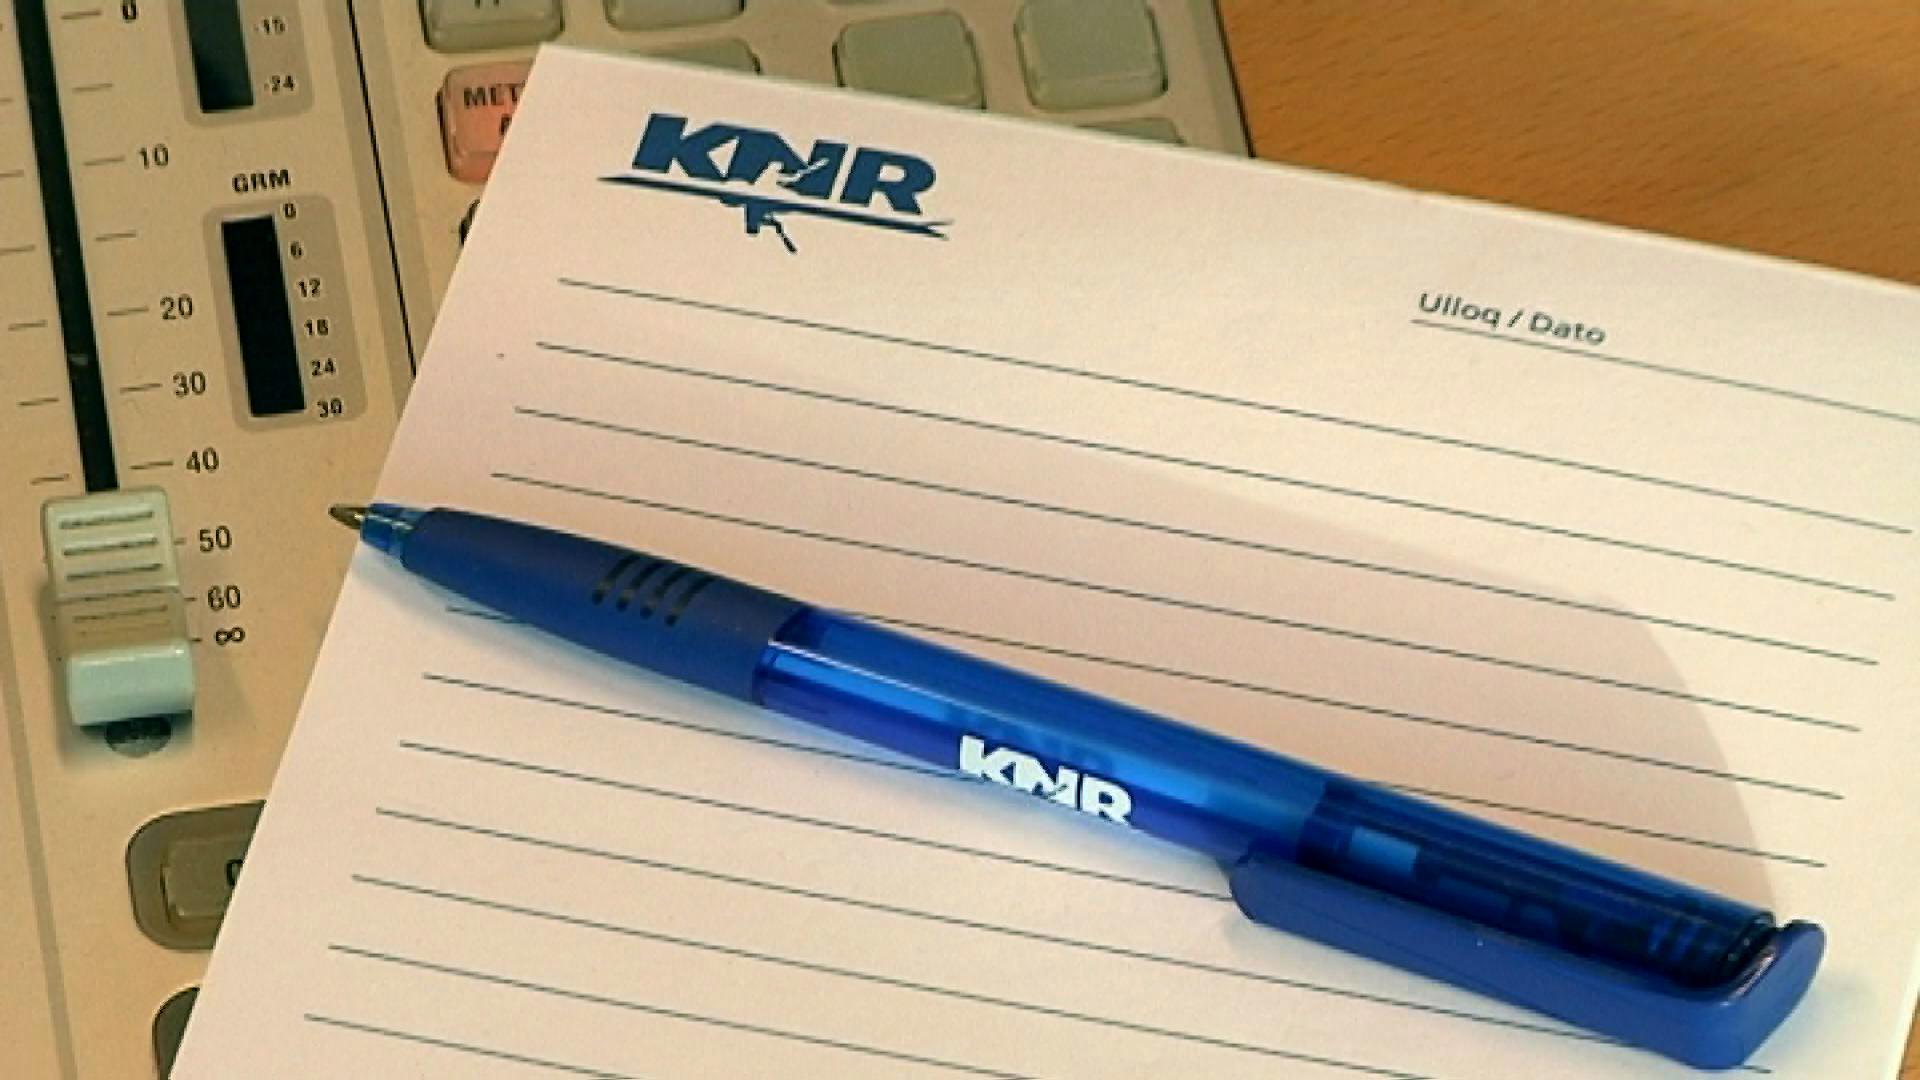 Brugere ønsker aktualitet i KNR